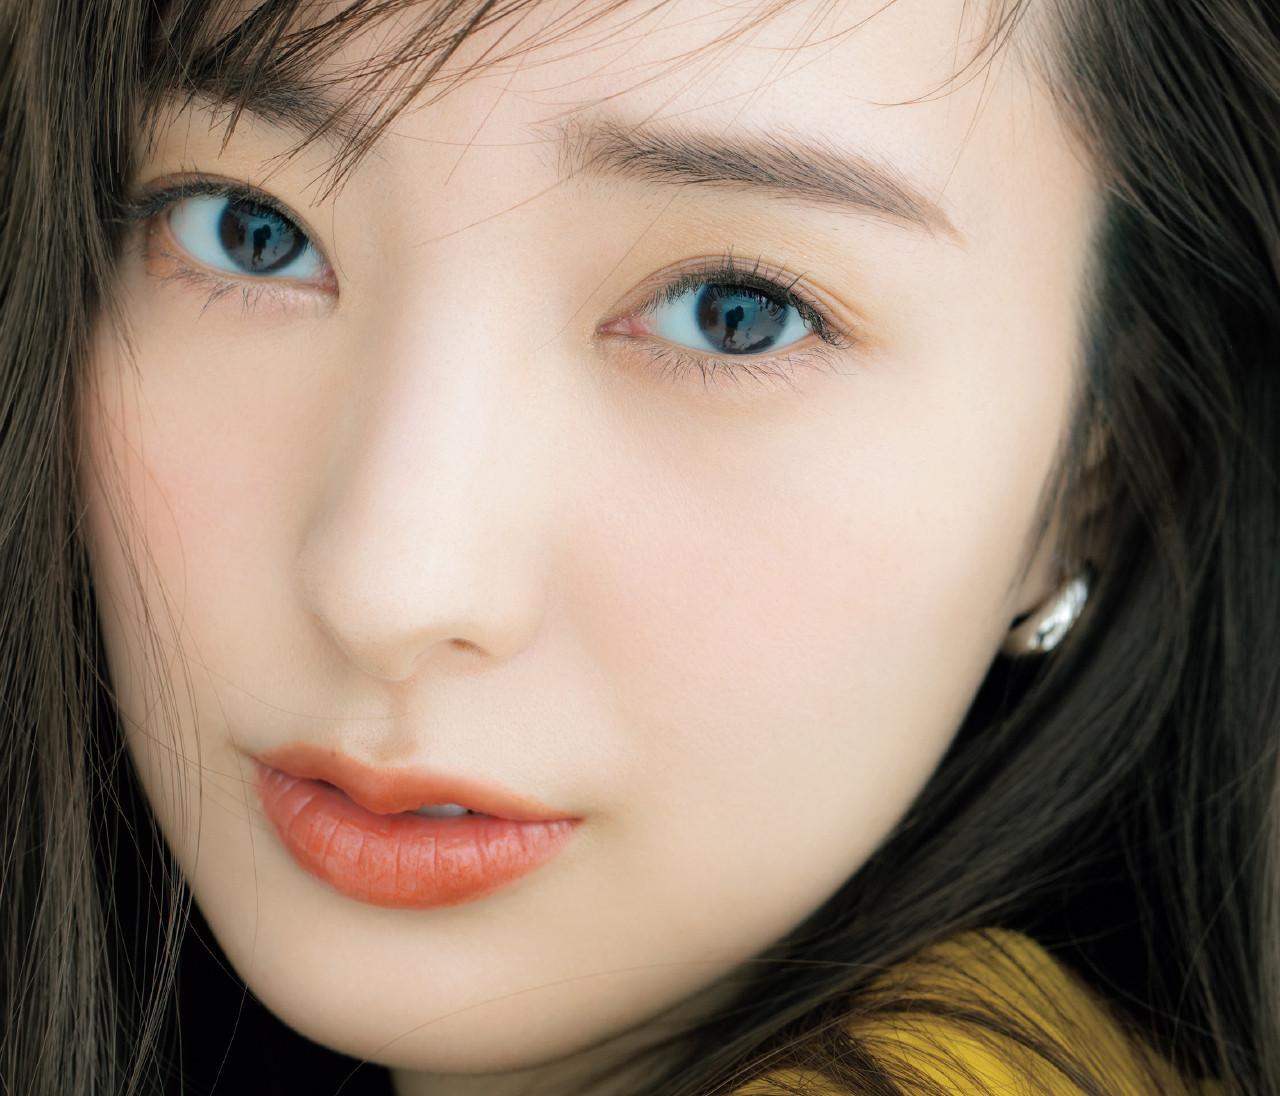 眉トレンドは「美人眉」に変わった!古い顔から脱出する最新眉メイクを基本から超ていねい解説【30代のためのネオ美人眉1】